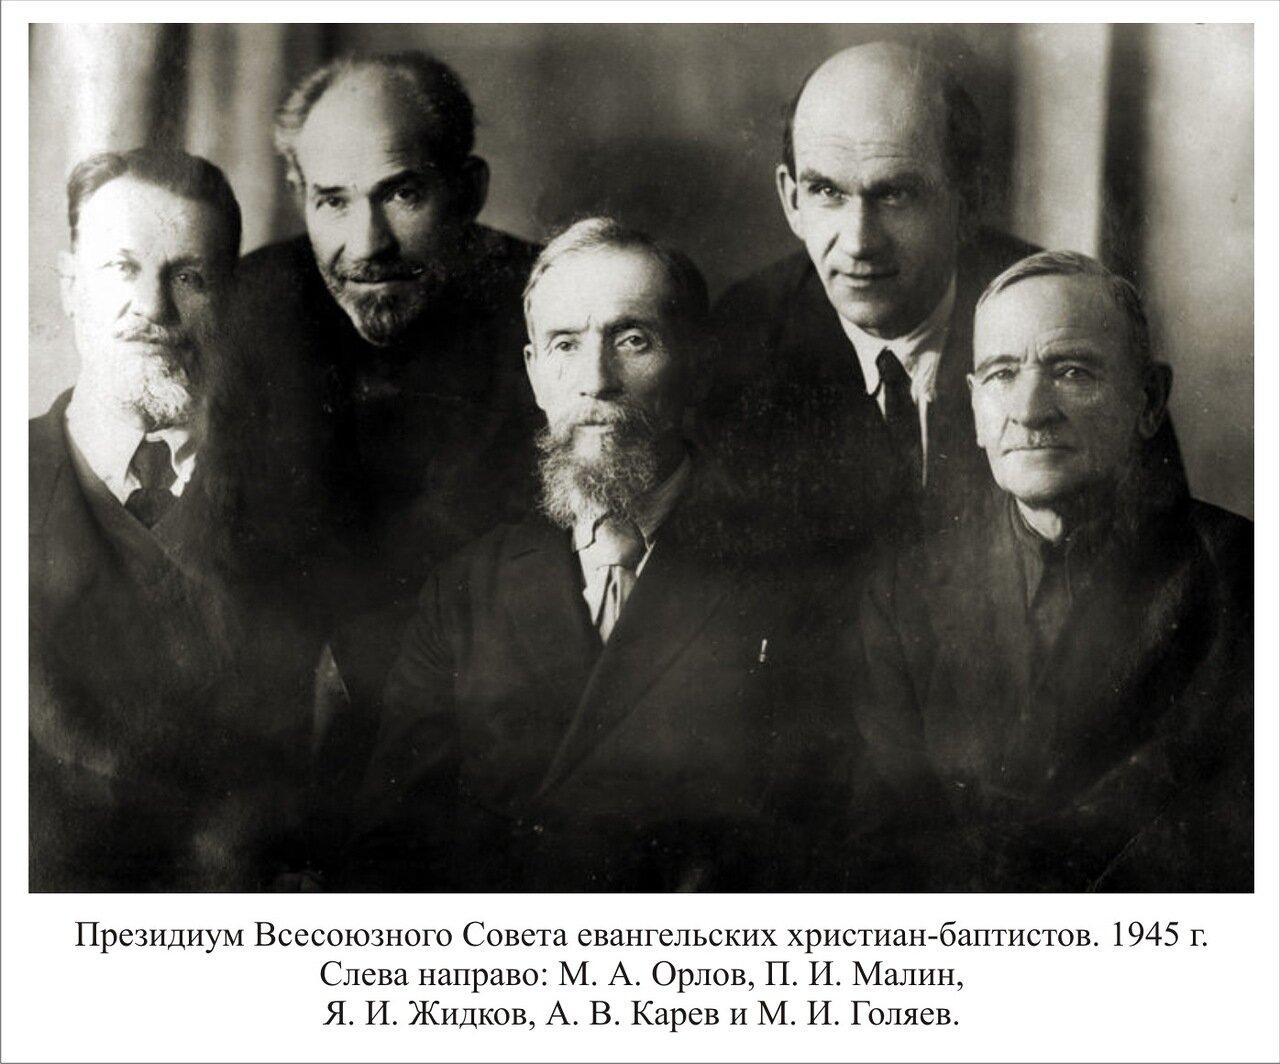 1945. Президиум Всесоюзного Совета евангельских христиан-баптистов